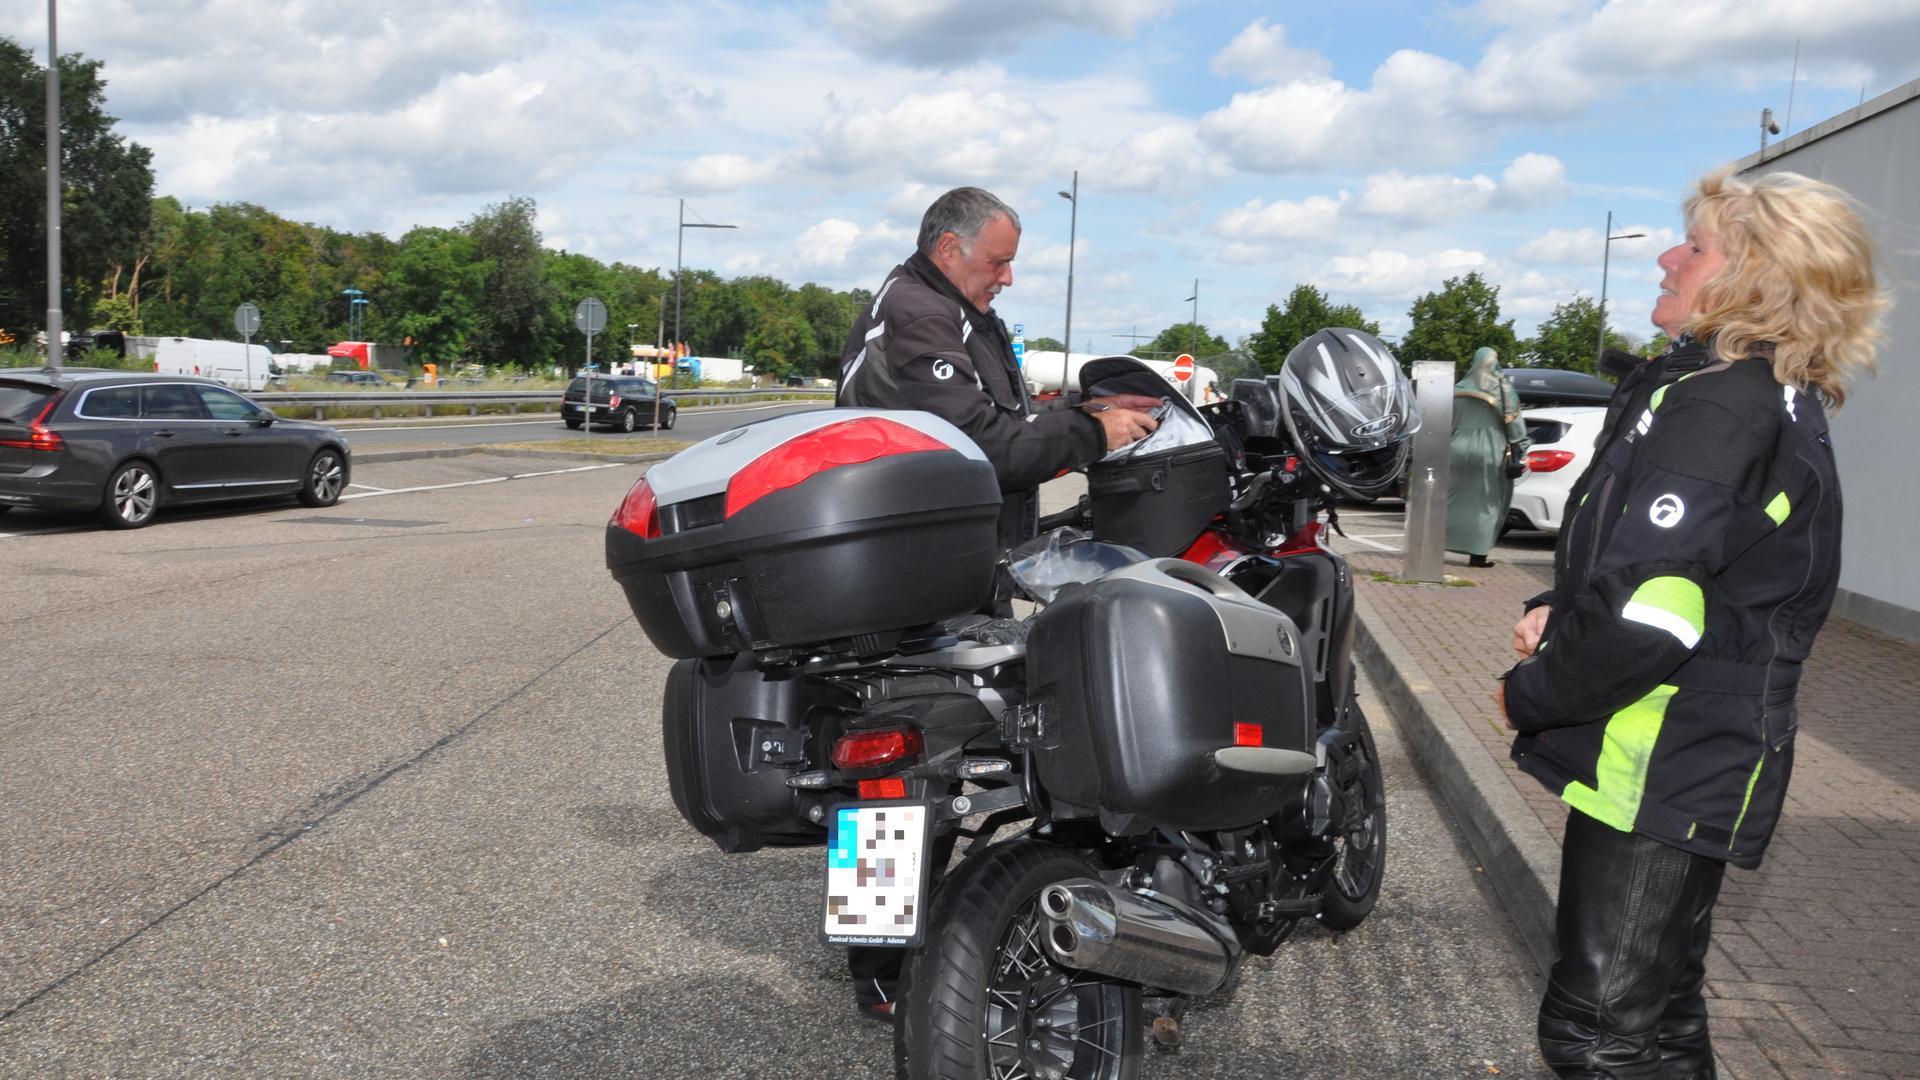 Die Motorradfahrer Michael und Gerlis kurz vor der Abfahrt in Richtung Heimat bei Adenau. In Bruchsal haben sie noch einmal einen Stopp eingelegt.